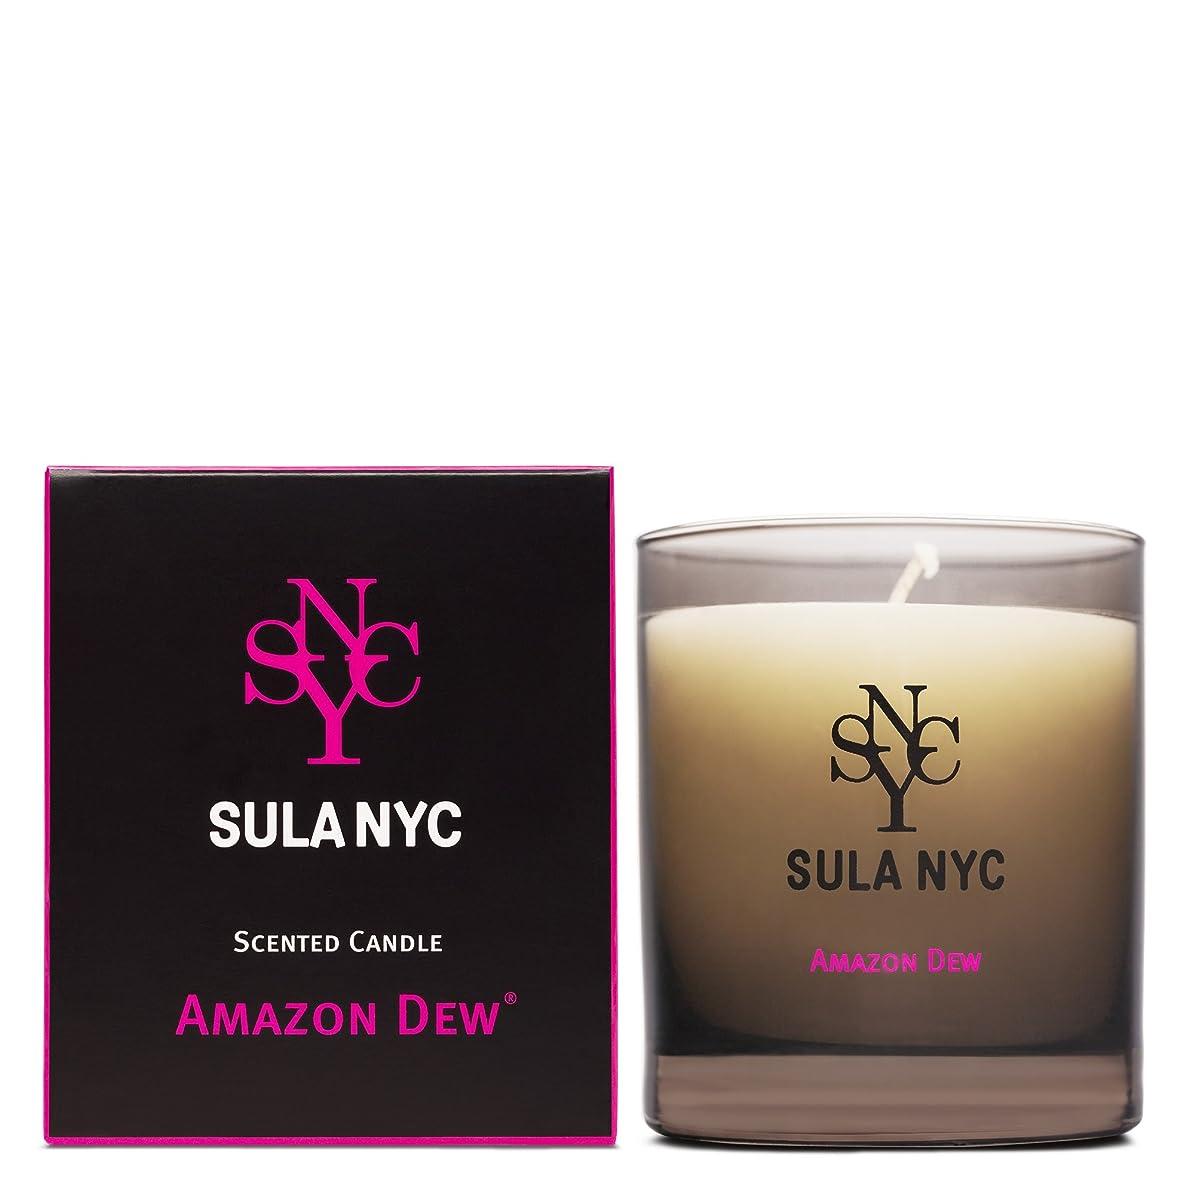 猛烈なメドレーアカウントSULA NYC SCENTED CANDLE AMAZON DEW スーラNYCセンティッドキャンドル アマゾン?デュー